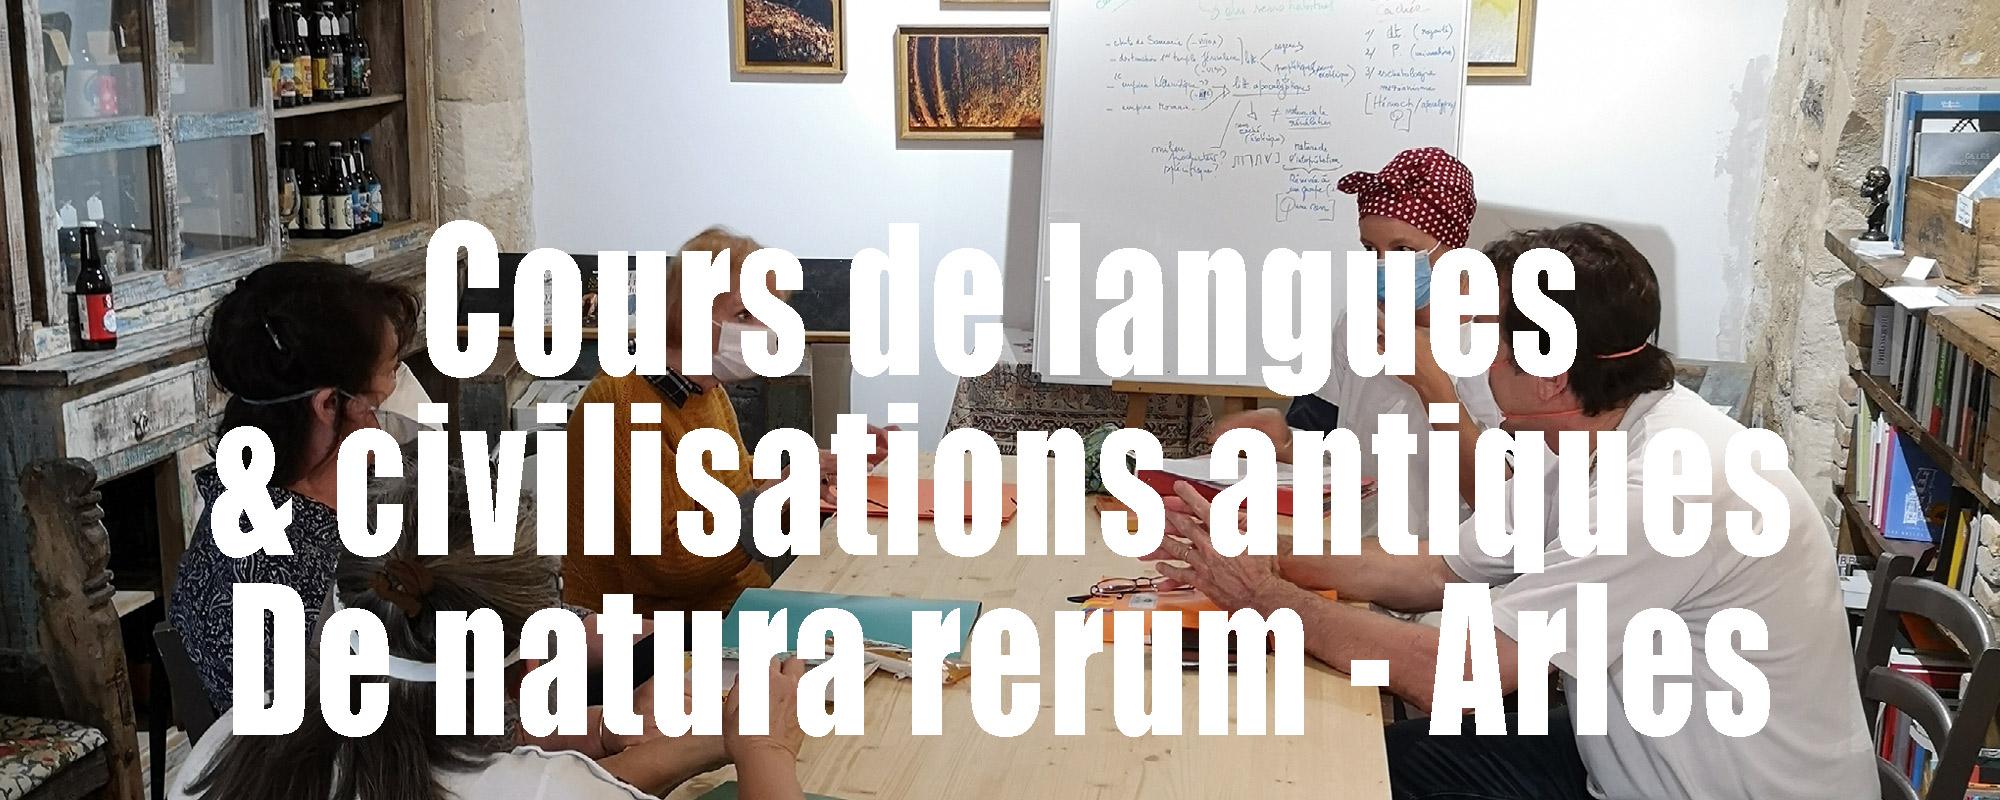 Cours de langues et civilisations antiques chez De natura rerum à Arles